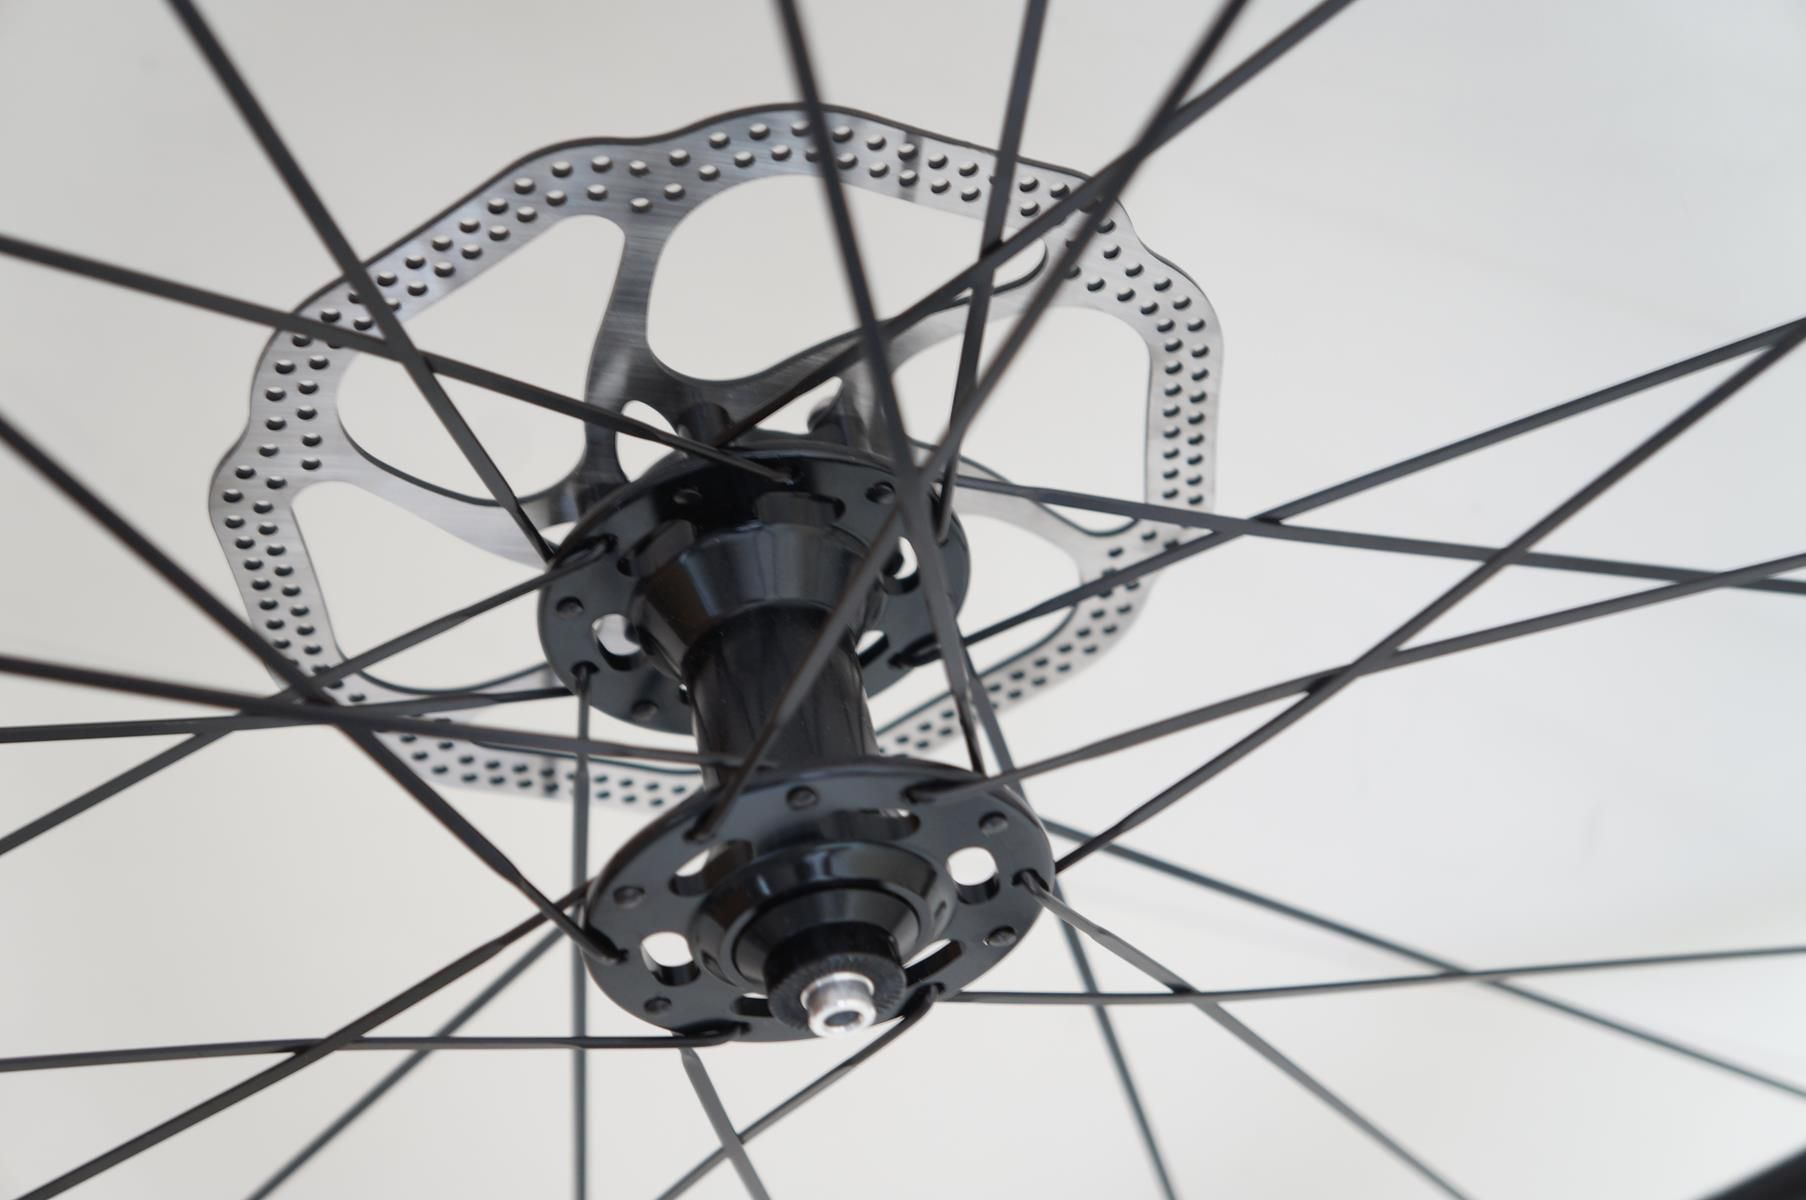 Rodas Vicinitech Xc 1550 Disc Aro 29 Alumino Eixo 9 Preta com Cubo Preto